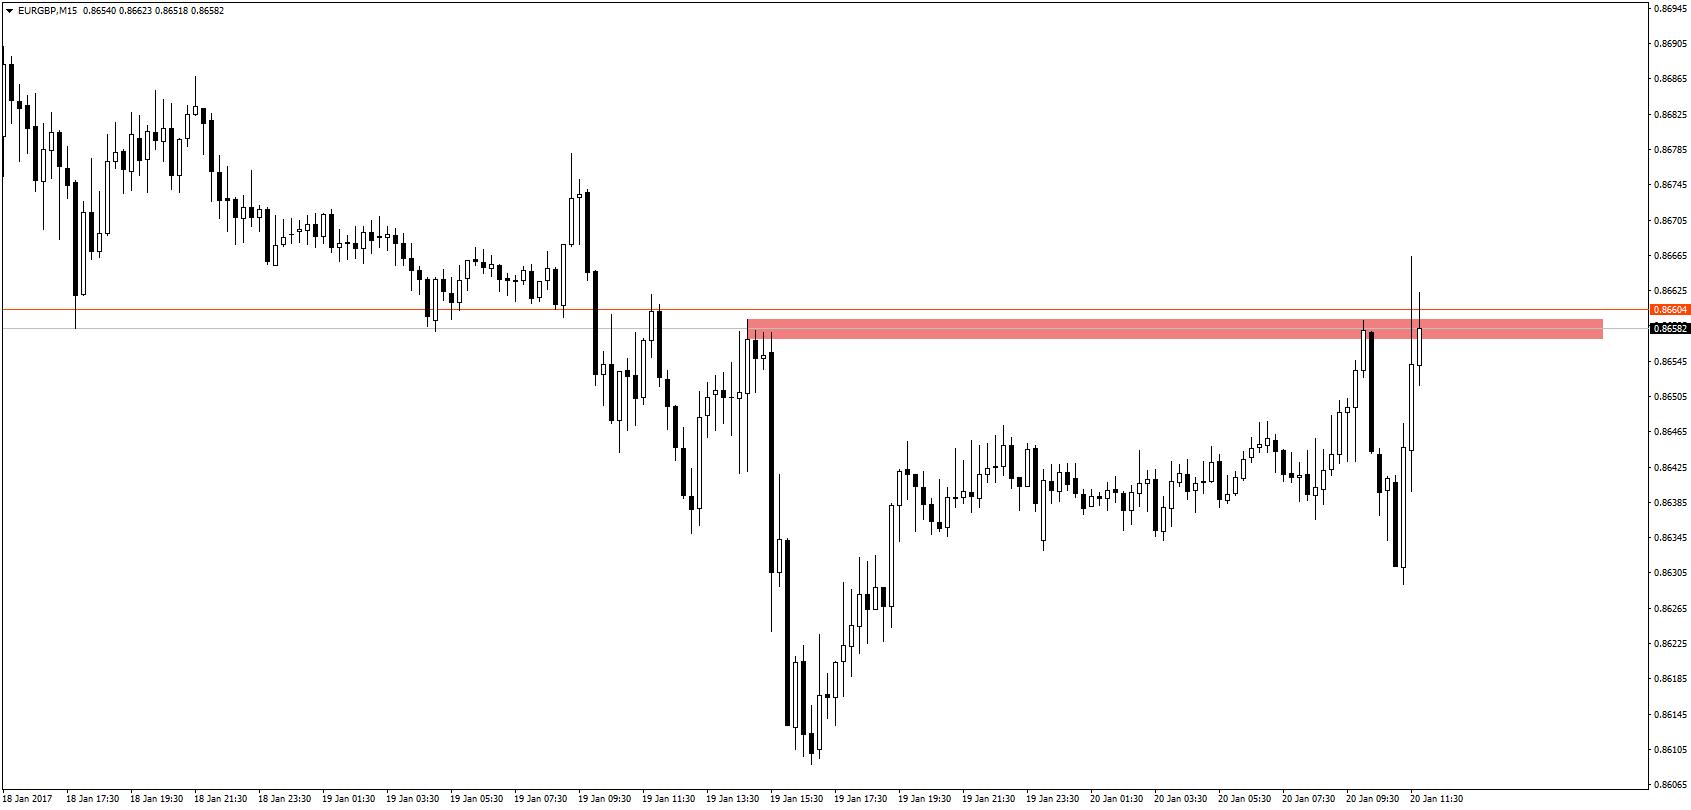 Poranne spadki EUR/GBP szybko zostały skorygowane przez zwiększoną podaż funta. Para próbuje pokonać sotatnie szczyty.